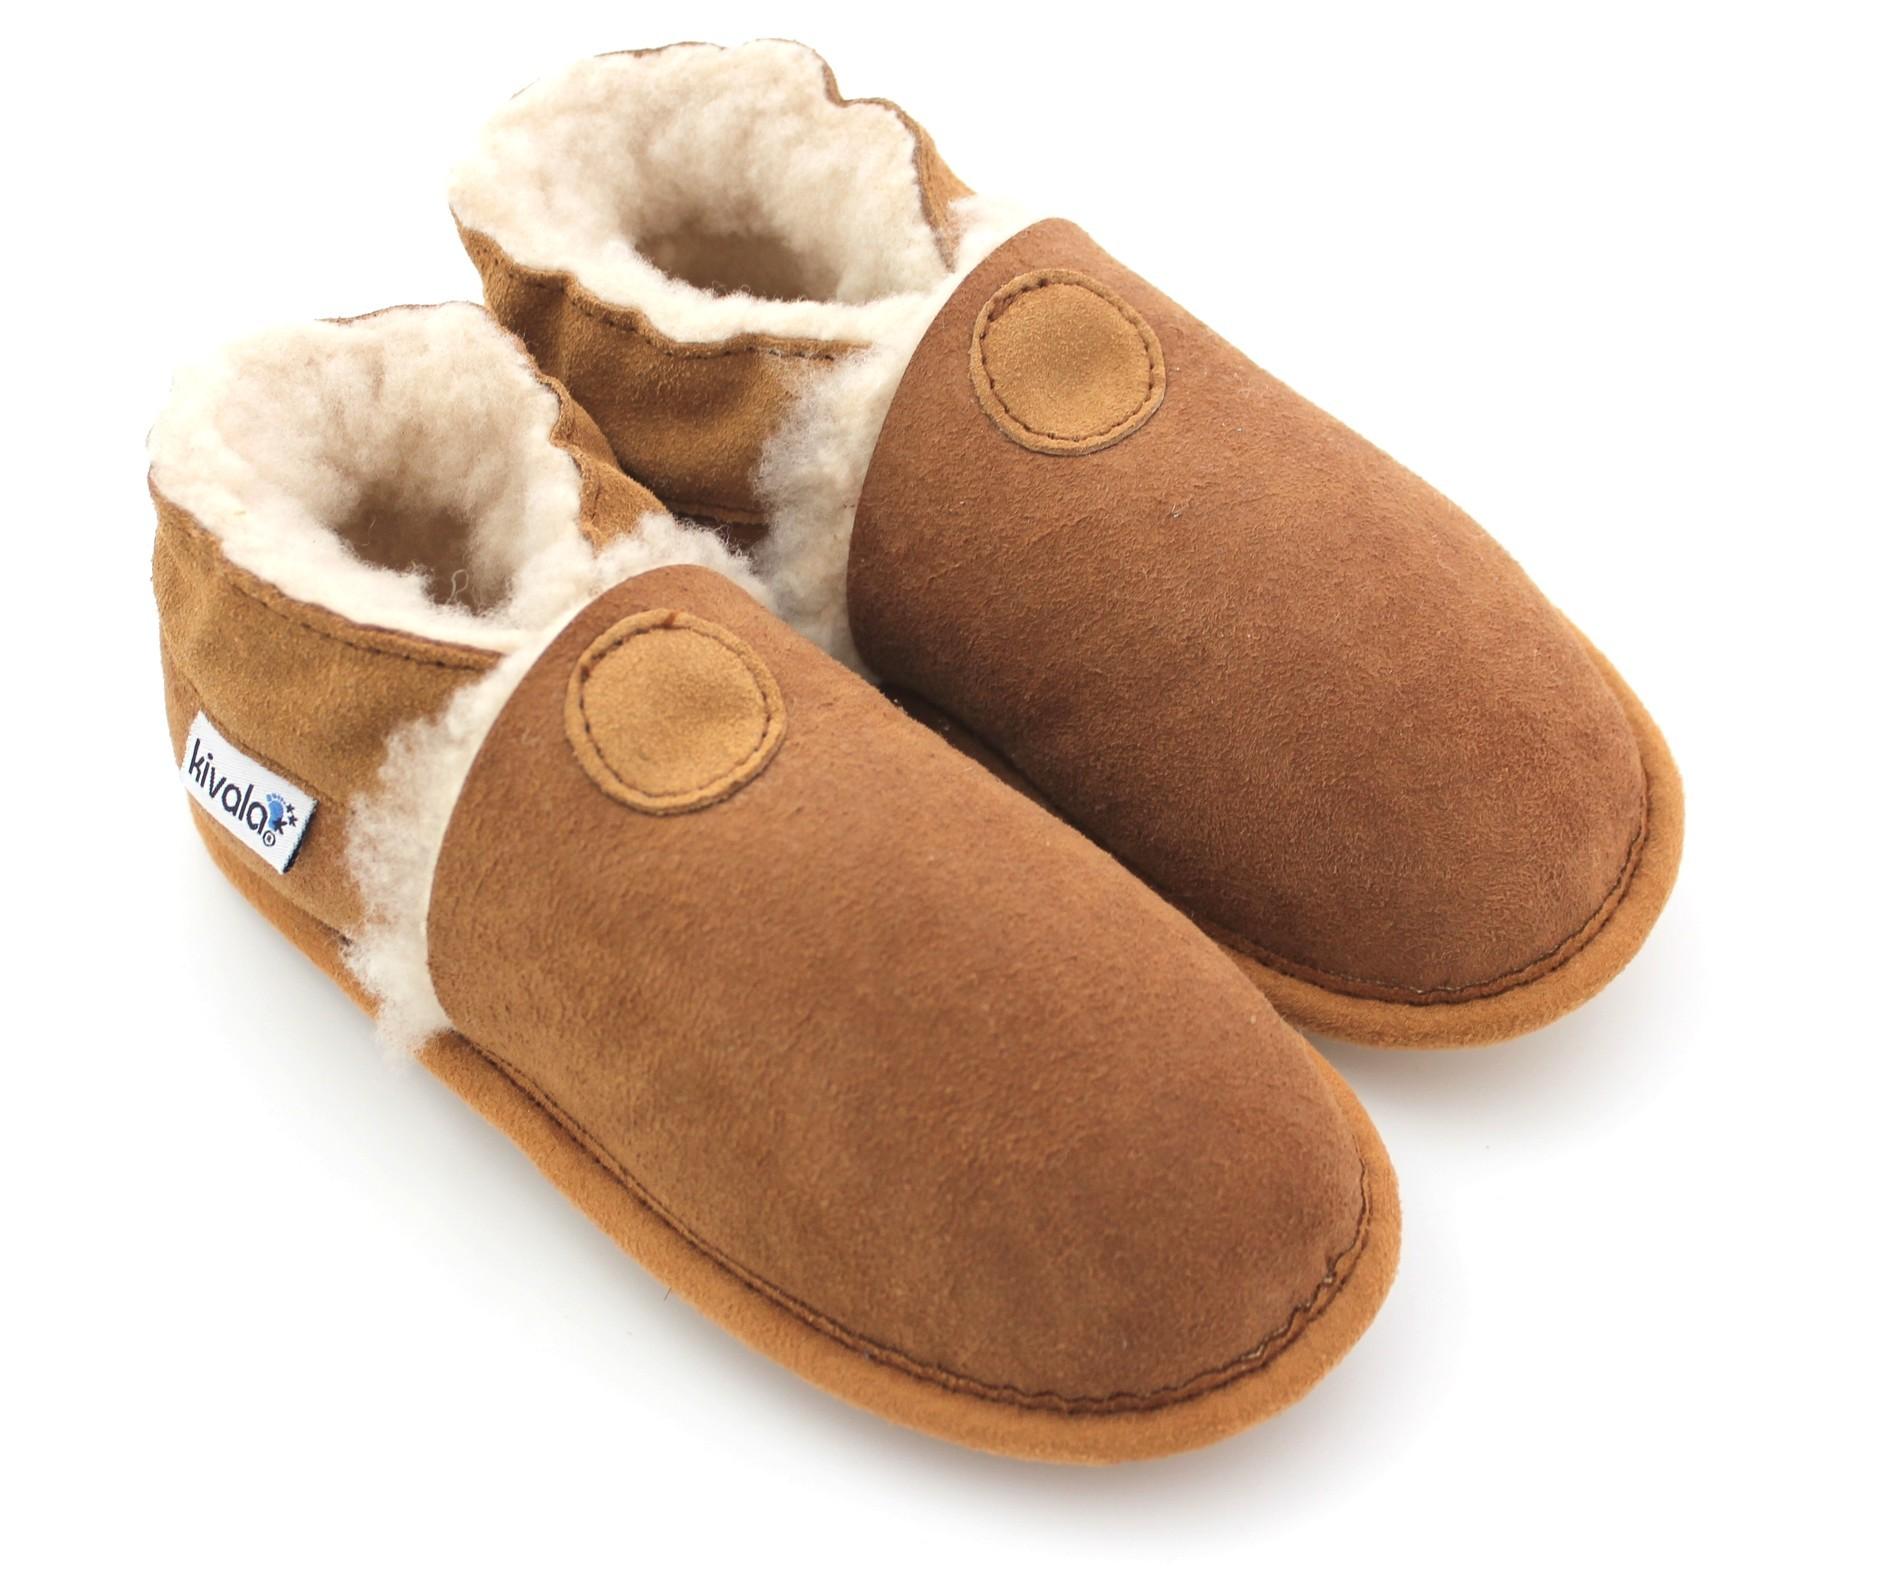 448e8cfe43de6 chaussons en cuir suède fourrés laine naturelle